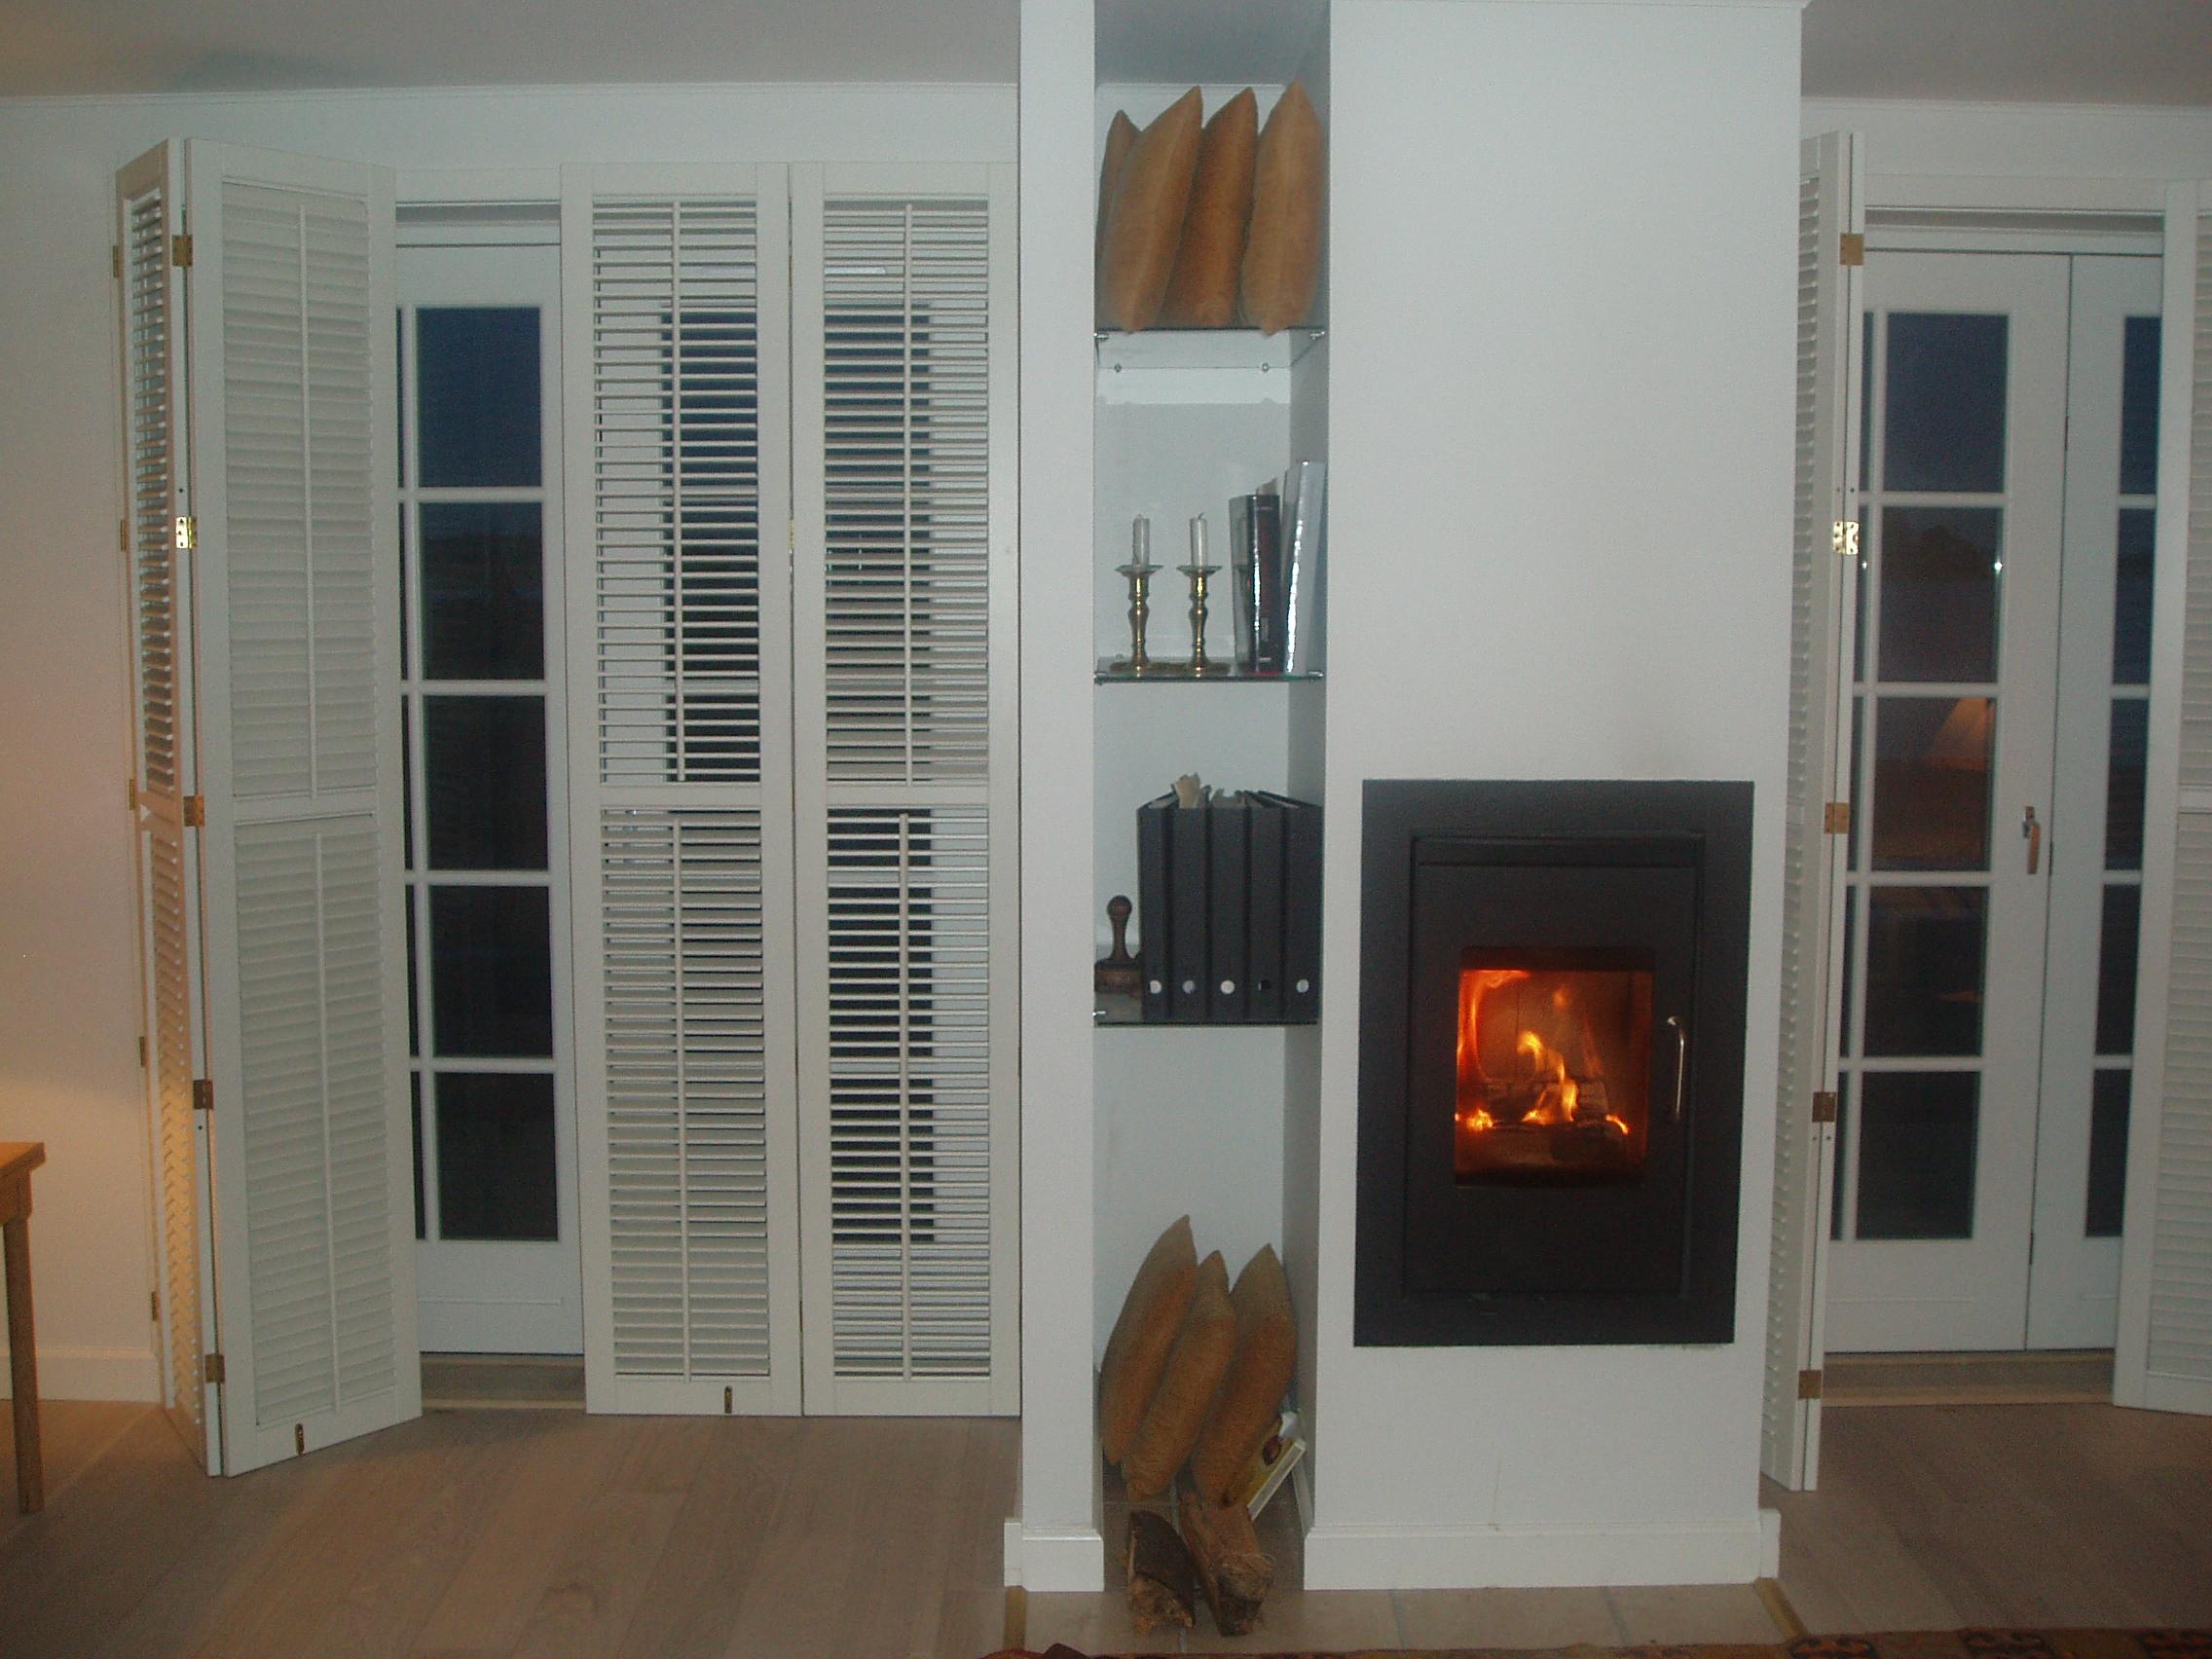 mere info skoddesnedkerne skoddesnedkerne. Black Bedroom Furniture Sets. Home Design Ideas